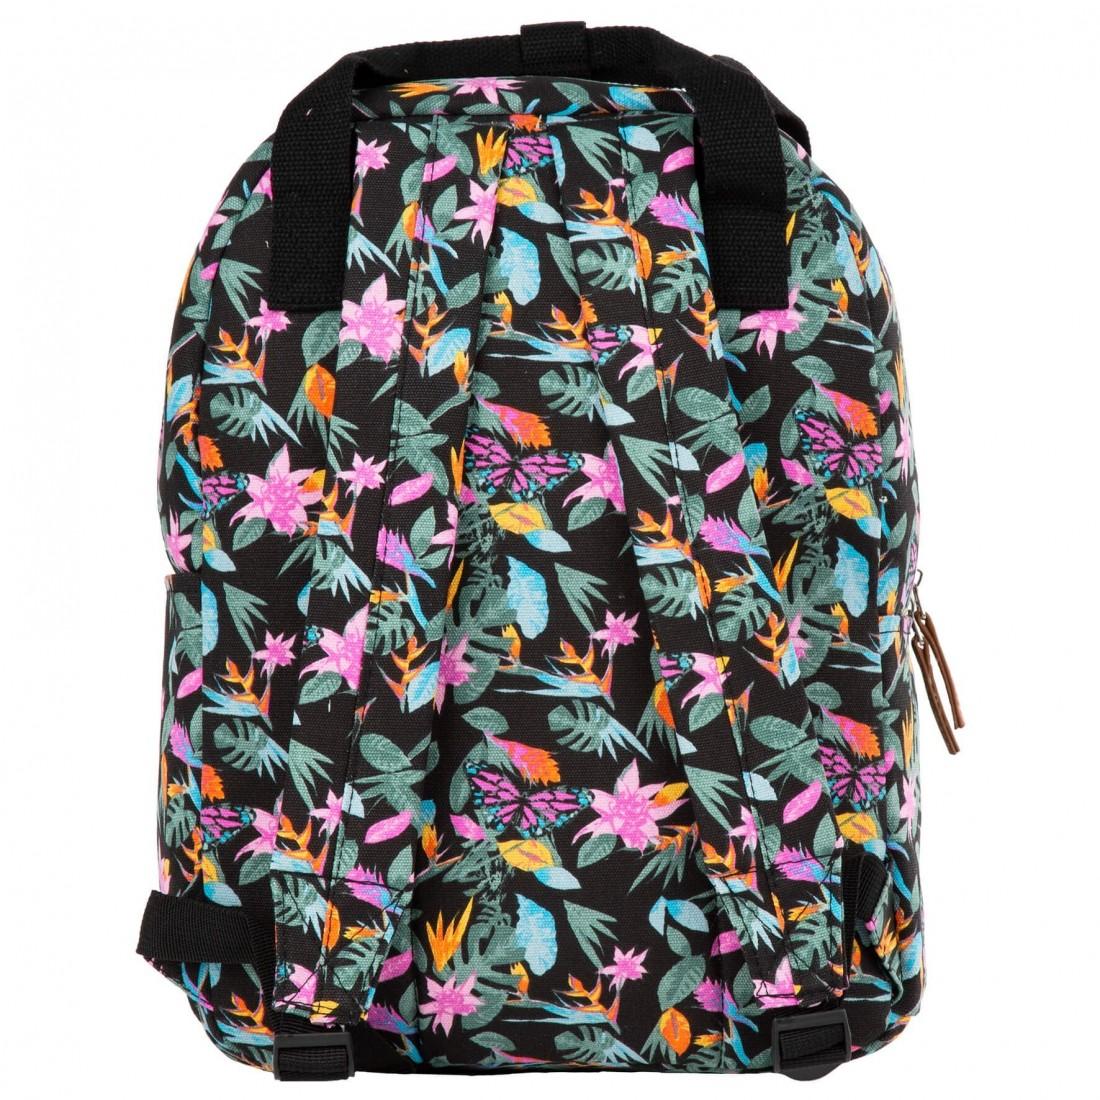 Plecak vintage dla dziewczyny BackUP czarny w tropikalne kwiaty CA36 - plecak-tornister.pl